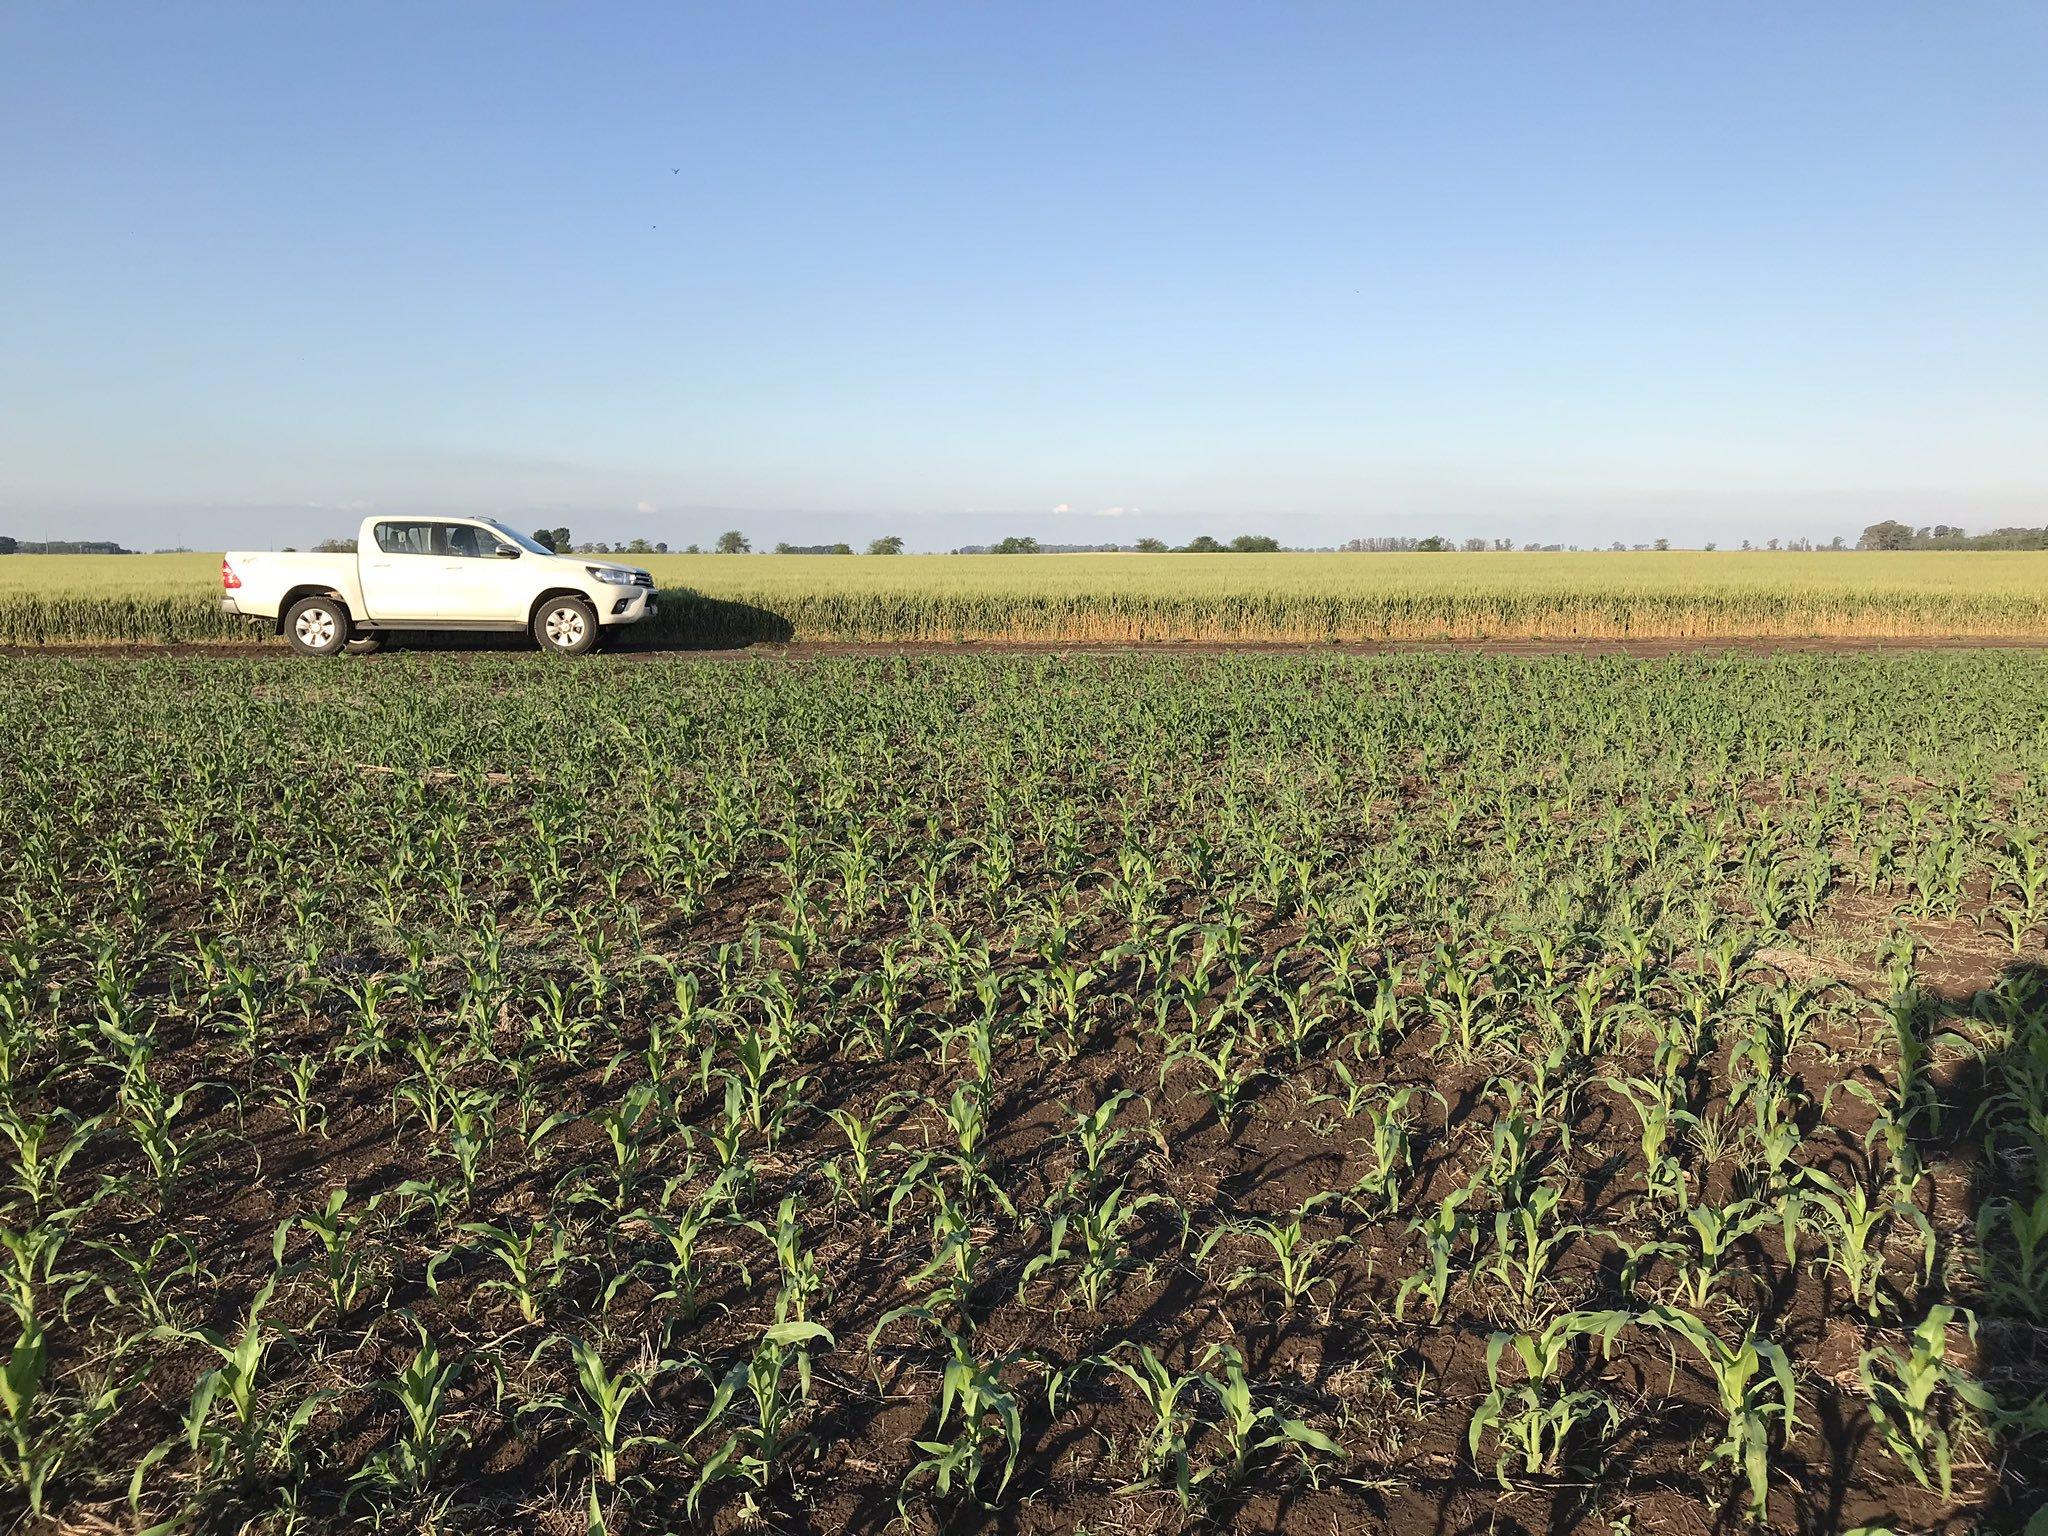 La campaña de maíz de afronta con una «gran incertidumbre», aseguró bolsa cordobesa